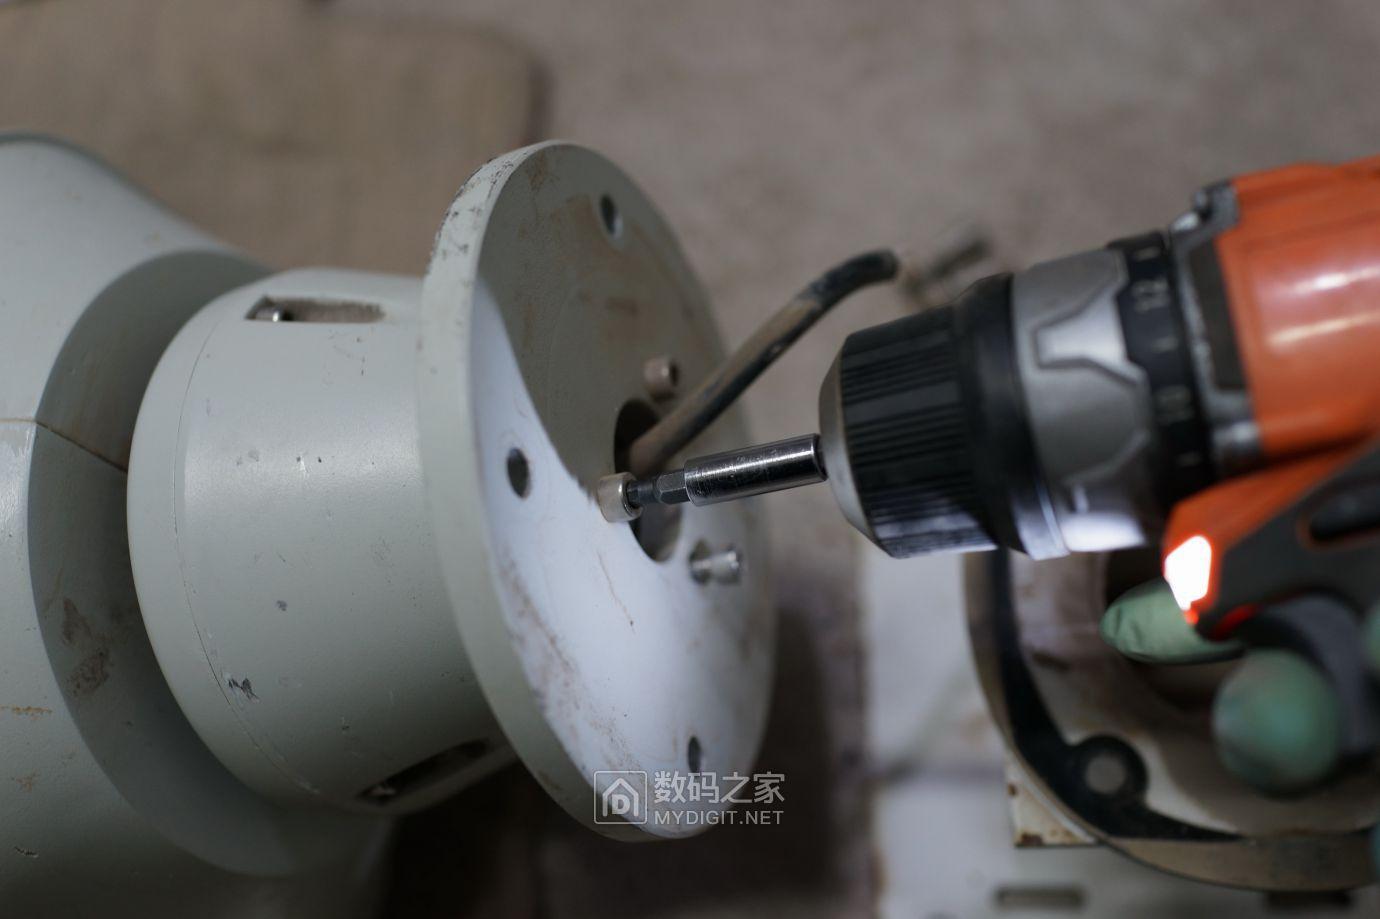 里奇小胖子12V电批,最大力档拆了一个螺丝第二个就打不动了